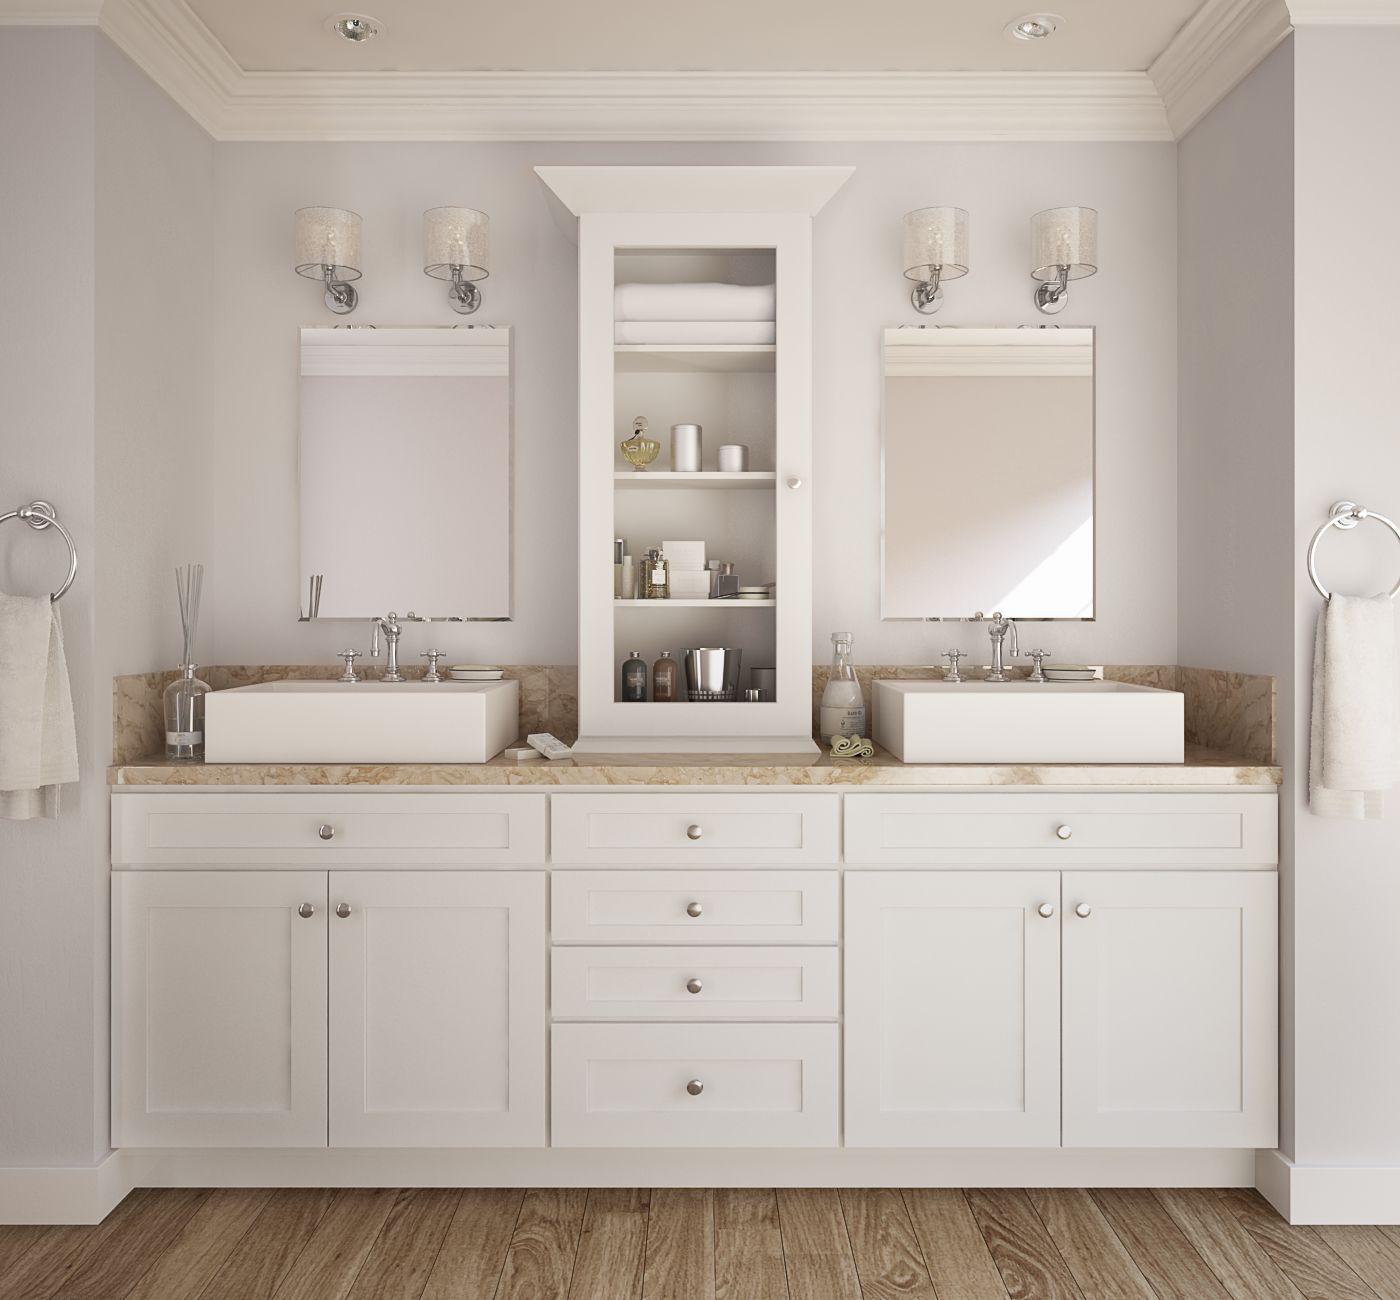 Preassembled Kitchen Cabinets: Semi Custom Society Shaker White Pre-Assembled Kitchen